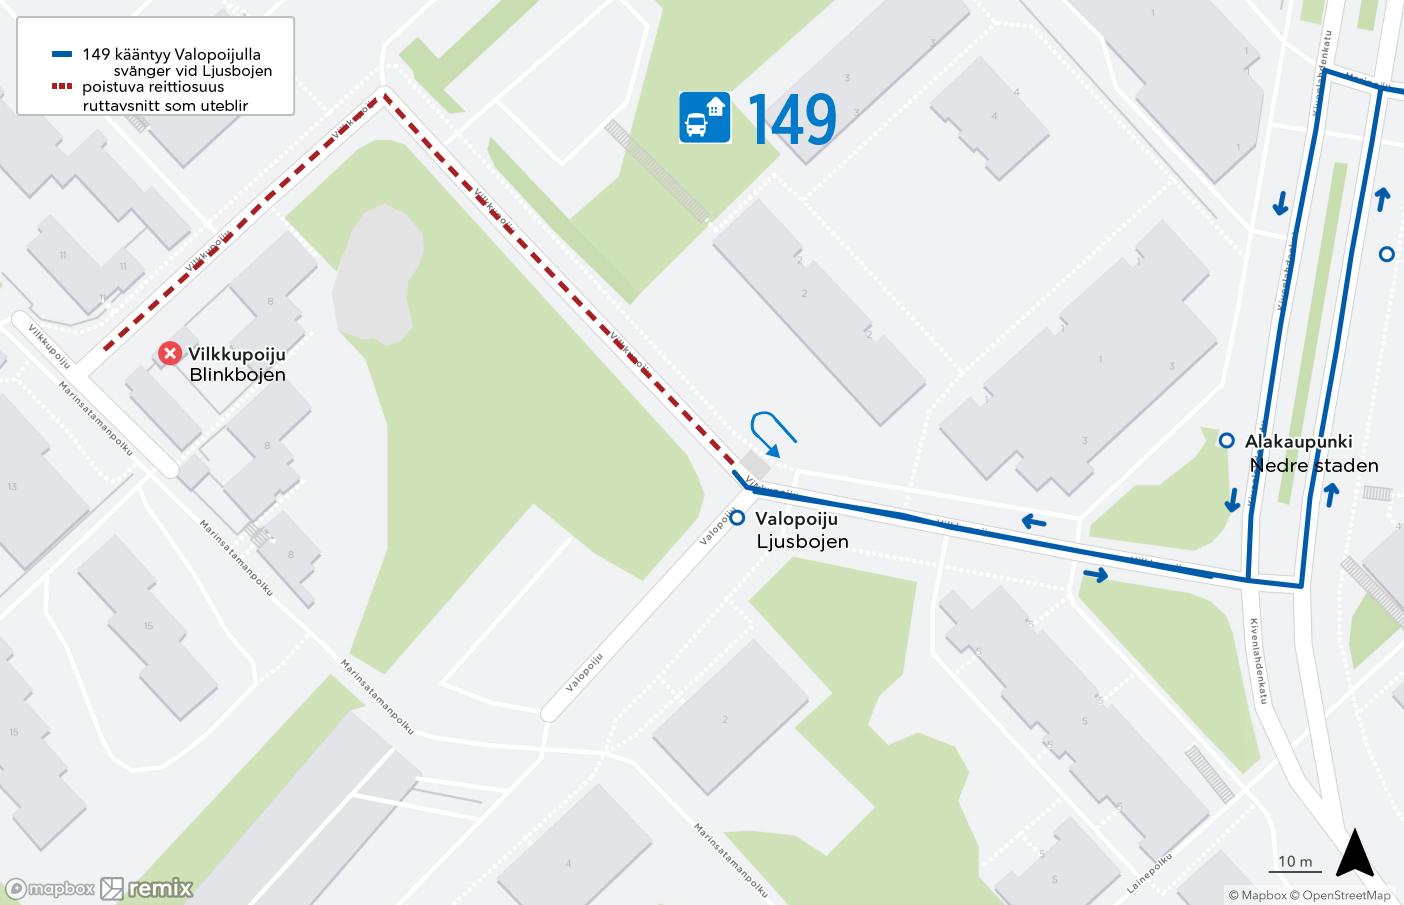 Kartta lähibussin 149 yhdellä pysäkinvälillä lyhentyvästä reitistä Kivenlahdessa